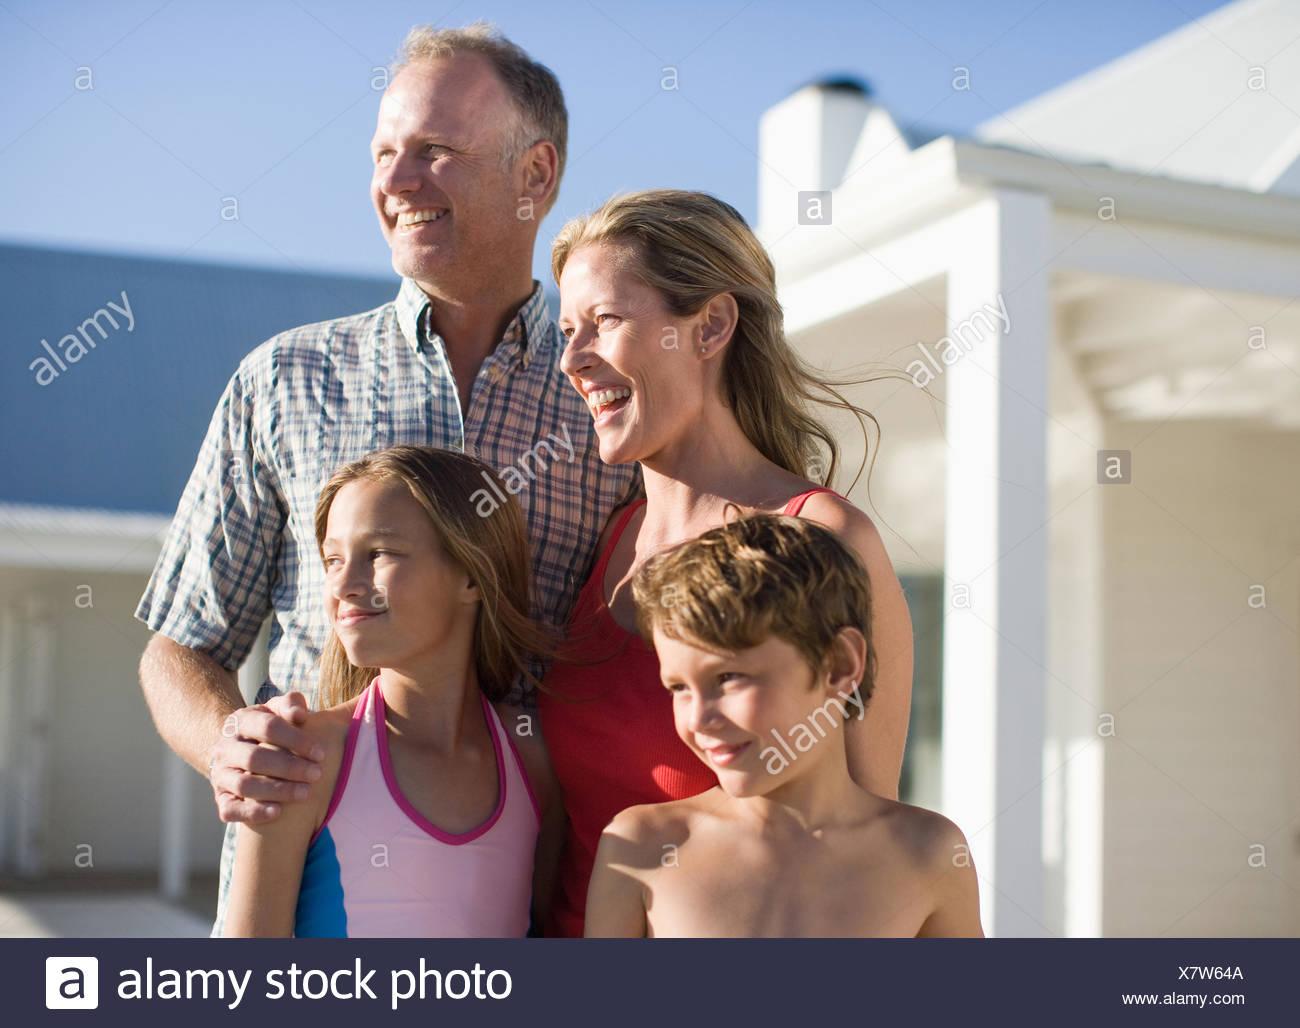 Famiglia all'aperto in costume da bagno Immagini Stock